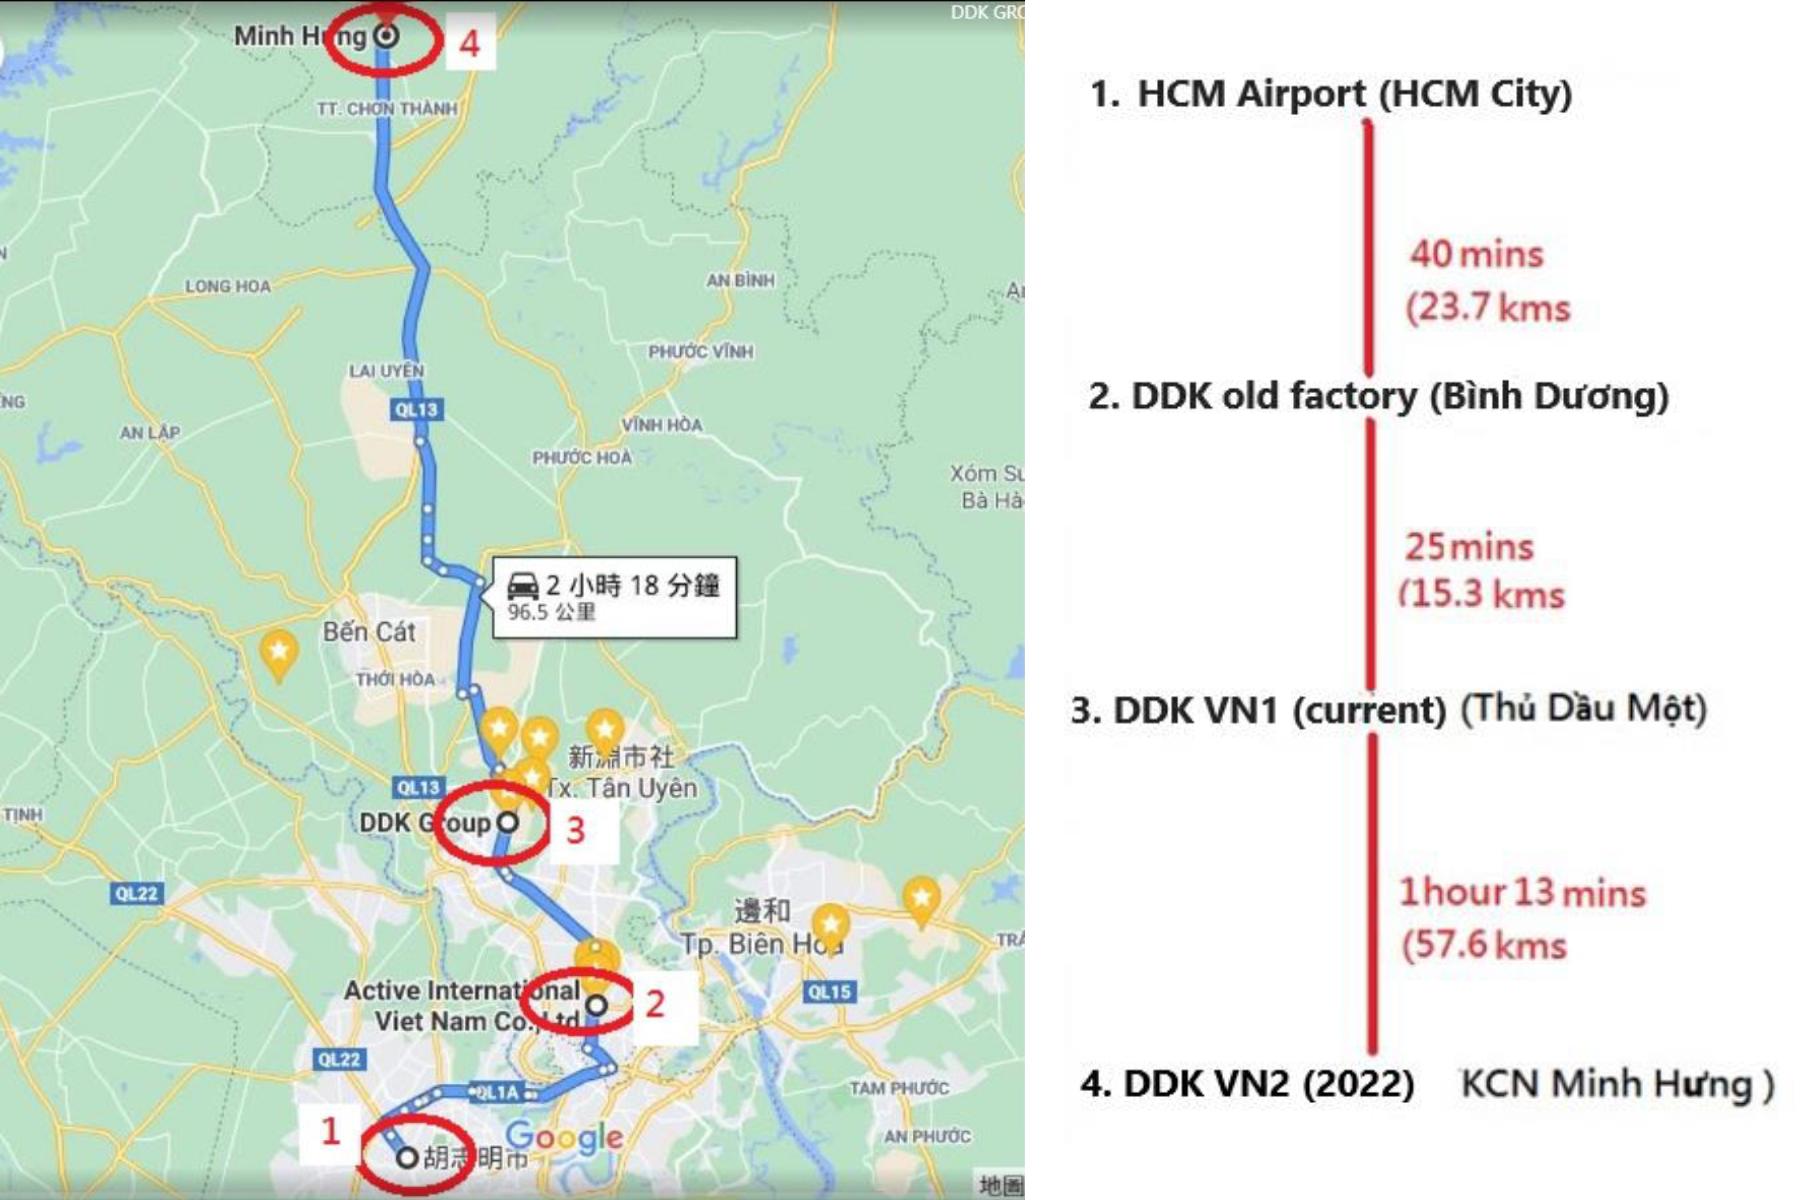 DDK GROUP erhöht Produktionskapazität mit neuen Fabriken in Vietnam